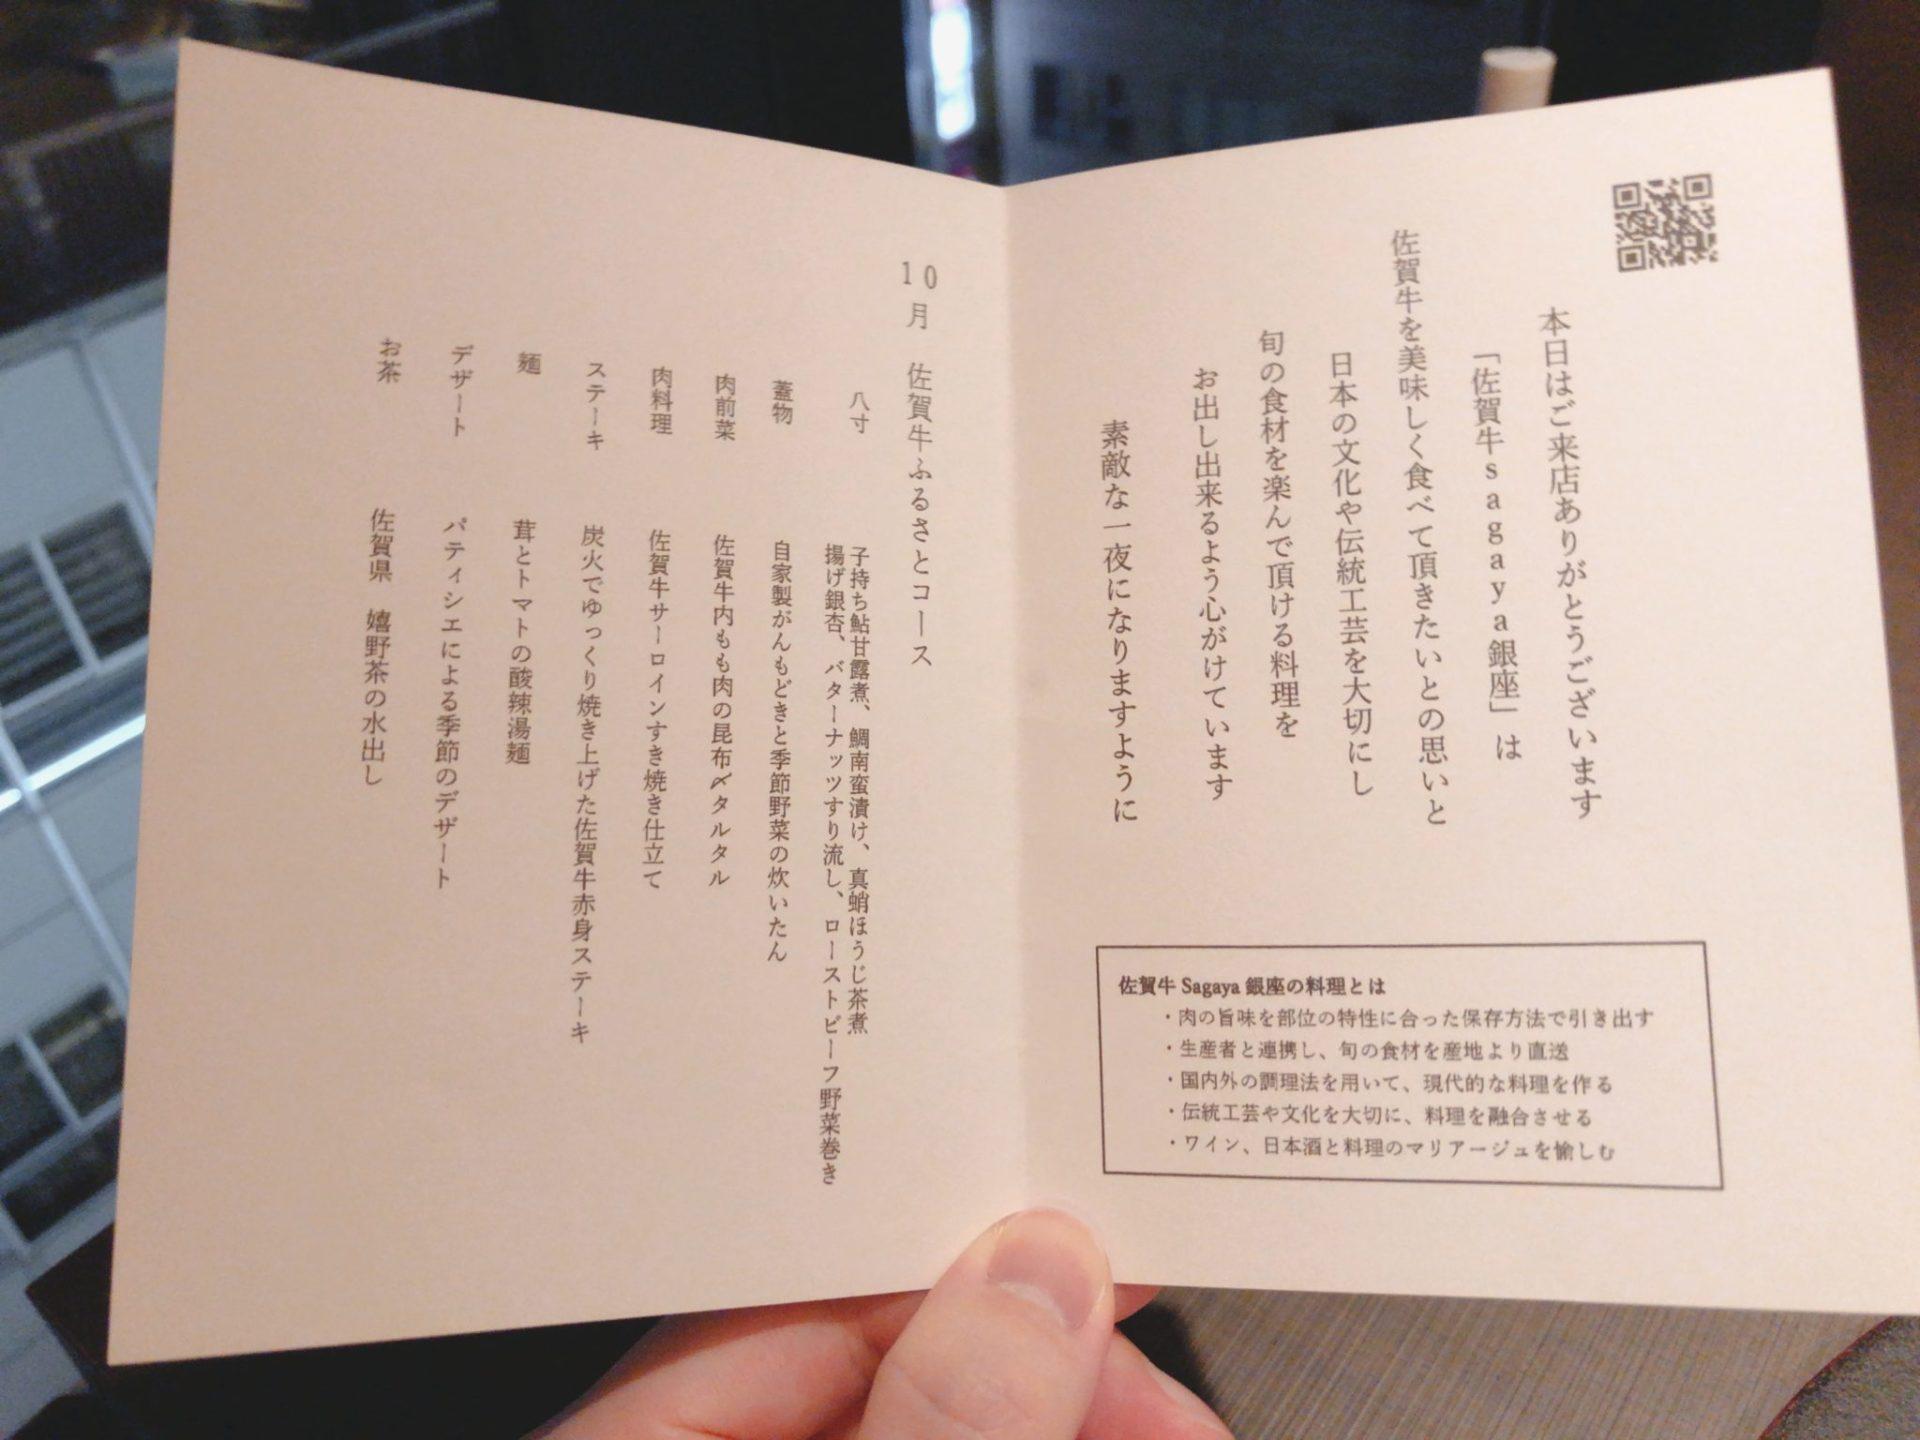 佐賀牛Sagaya銀座のふるさと納税コース